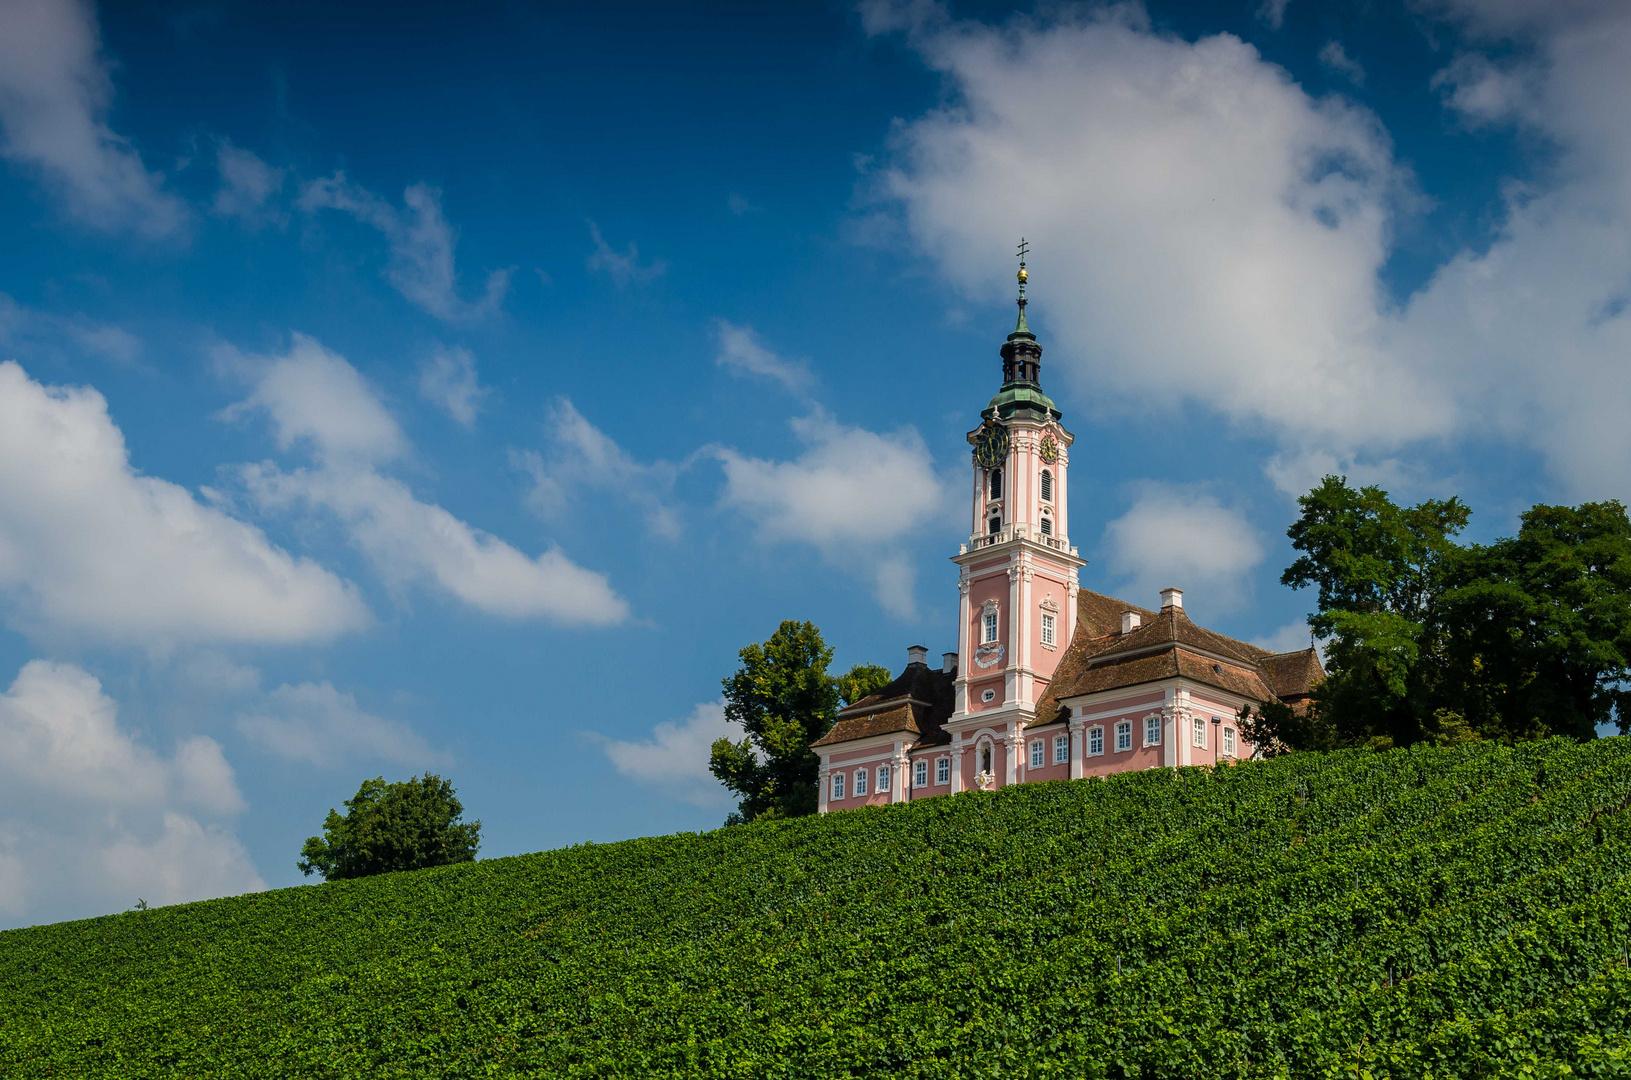 Kloster Birnau-Maurach